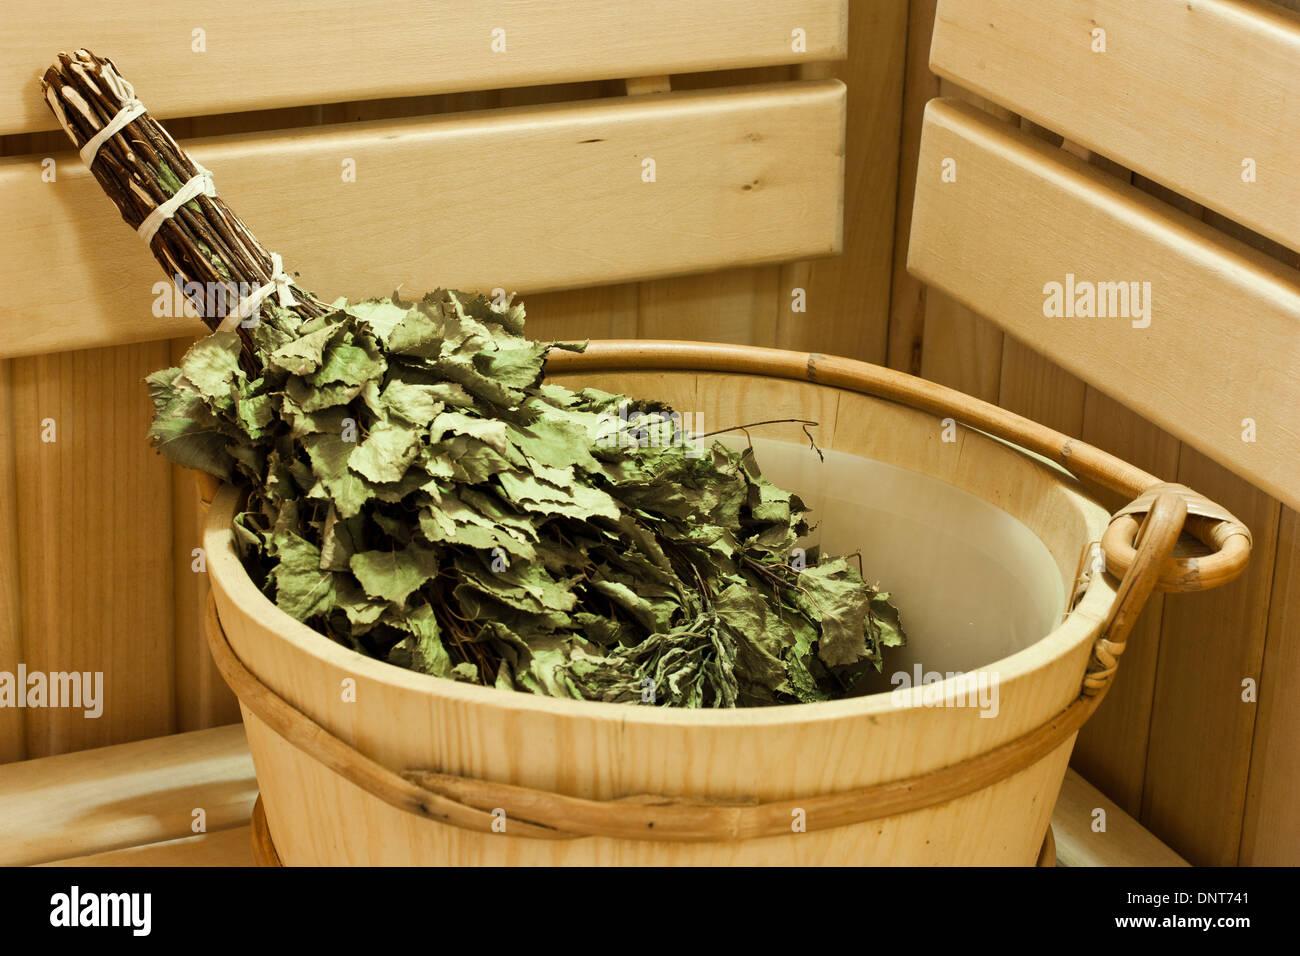 sauna bath and sauna accessories, bucket and broom - Stock Image